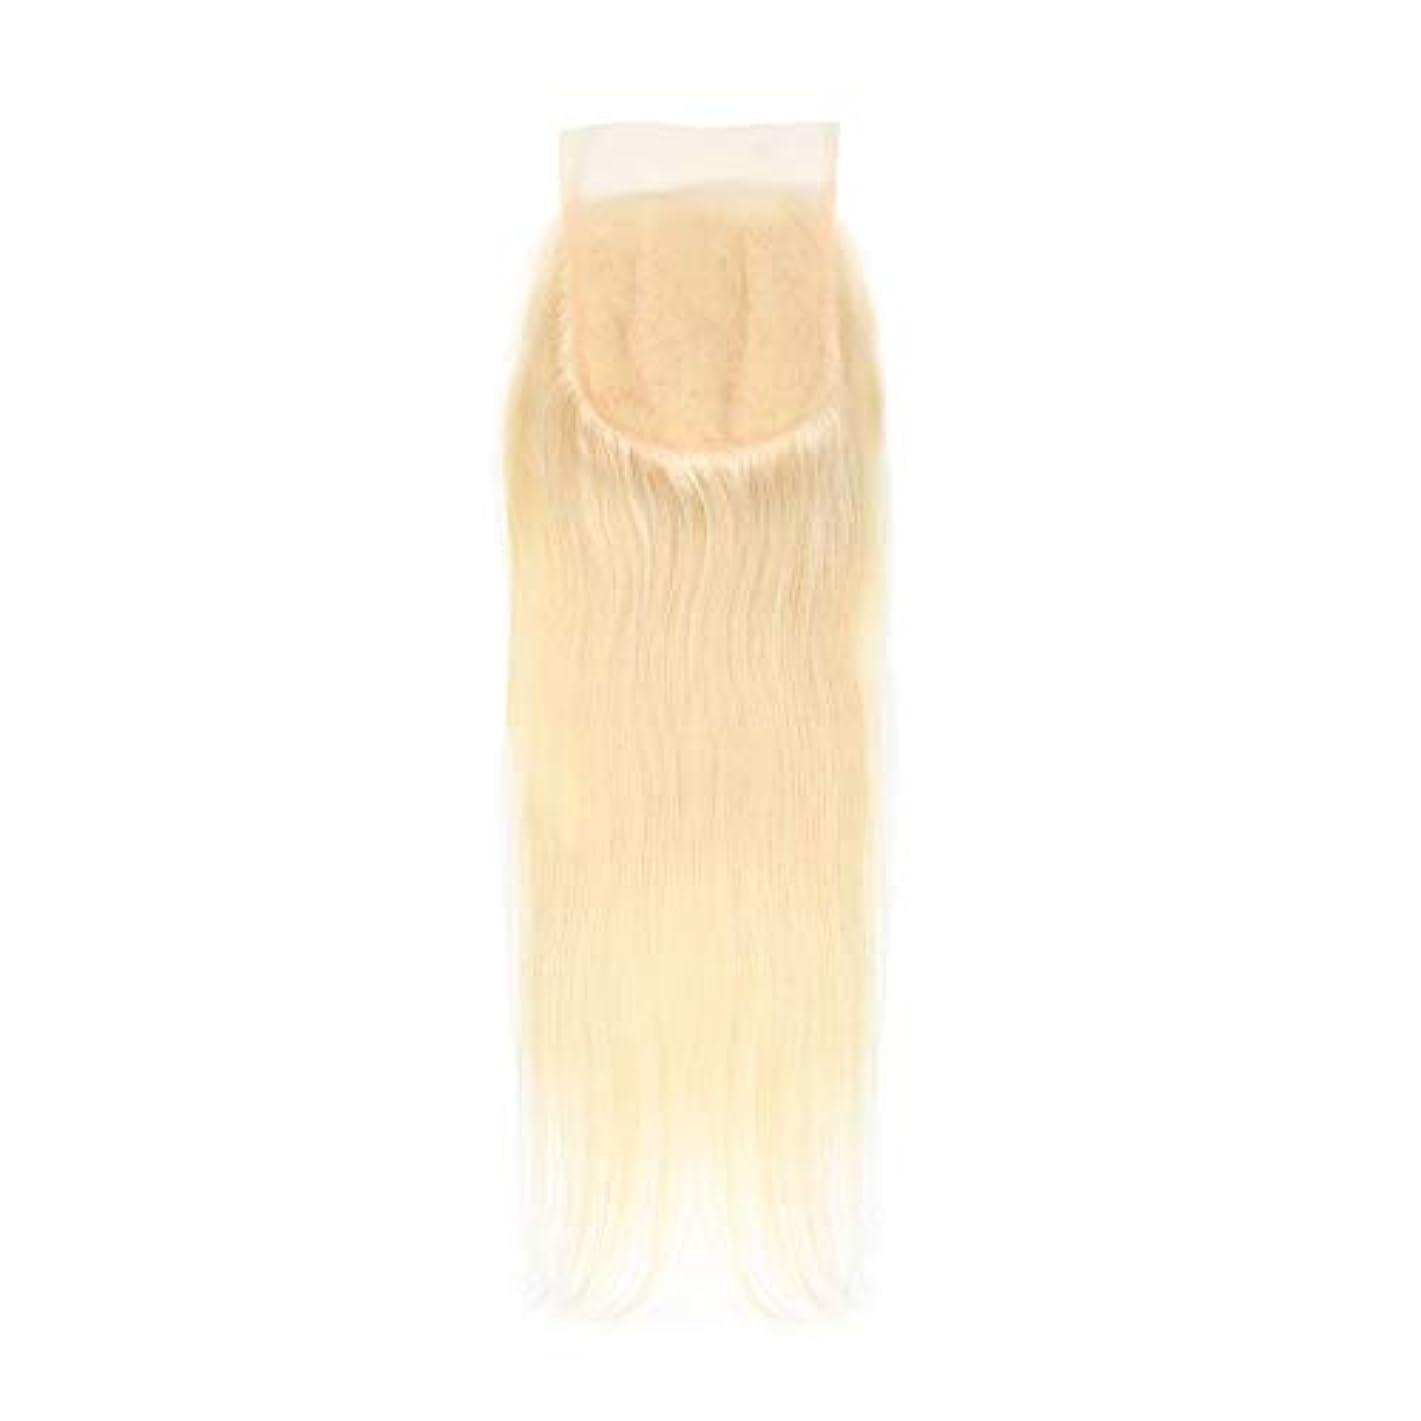 置き場ドームスキップSRY-Wigファッション 女性のためのファッションレースフロントかつらロングストレートブロンド合成かつらミックスブロンド側別れ耐熱髪かつら (Color : 白, Size : 16inch)